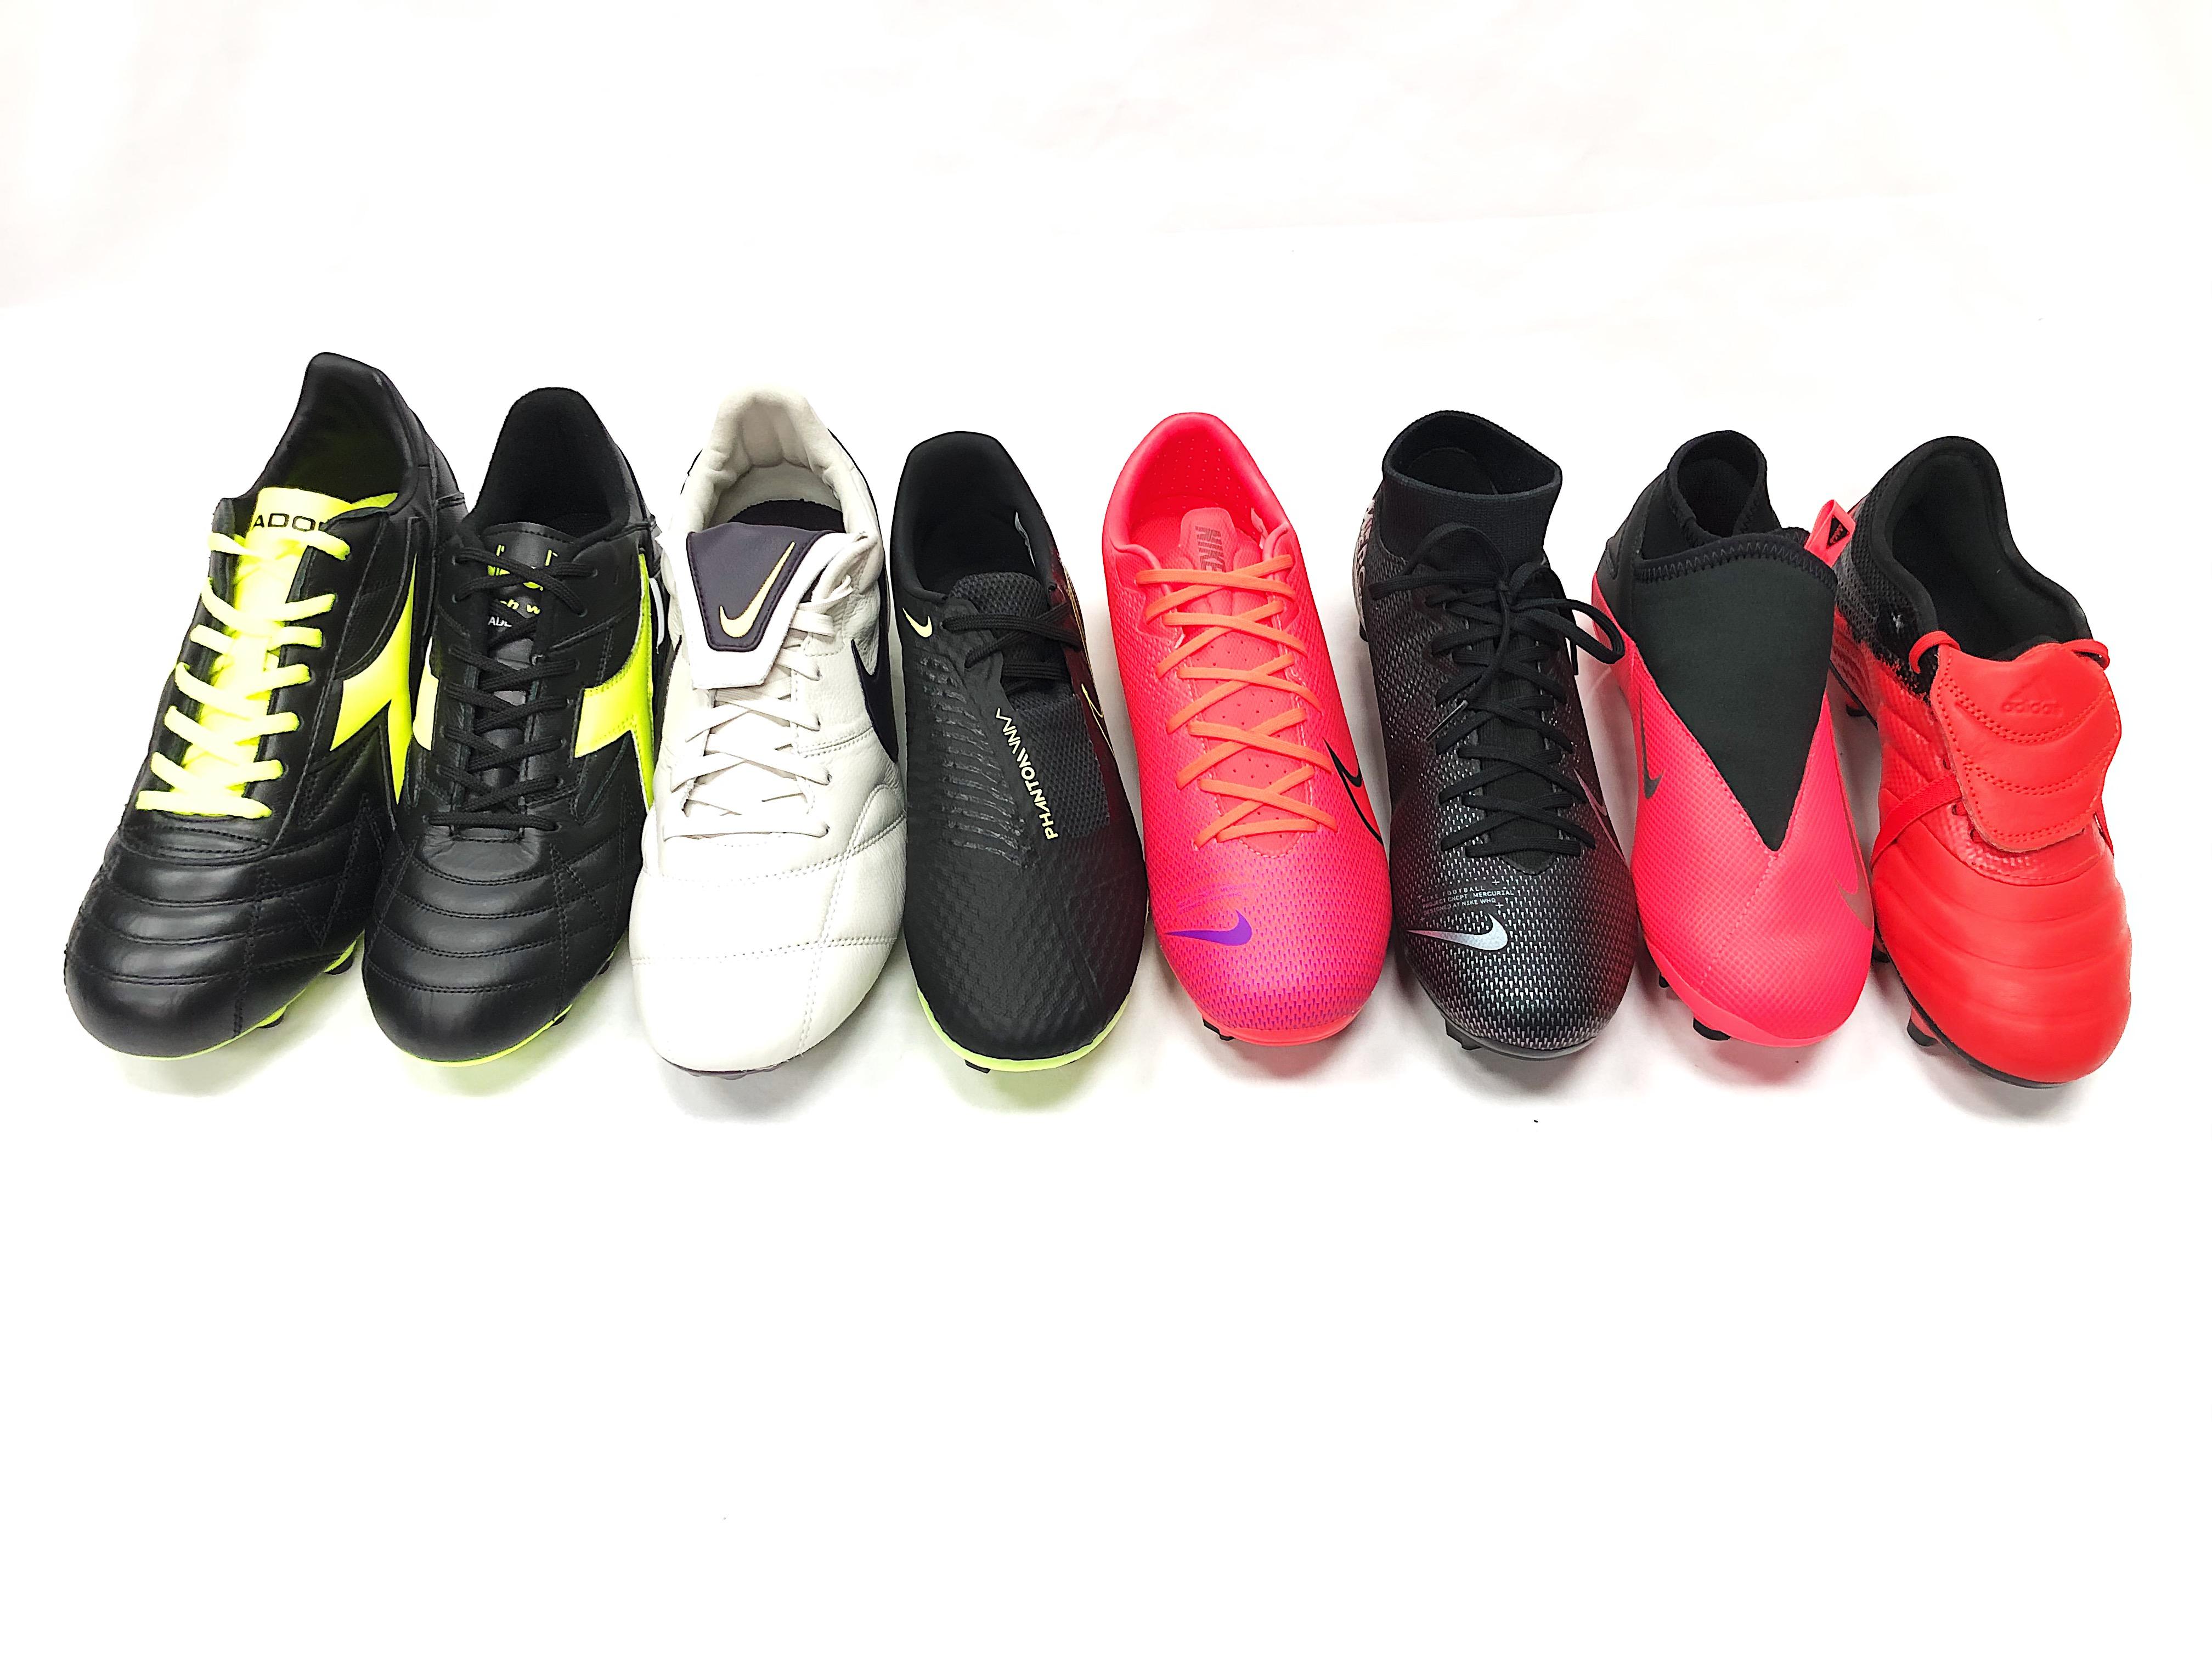 Diadora, Nike & Adidas Soccer Cleats